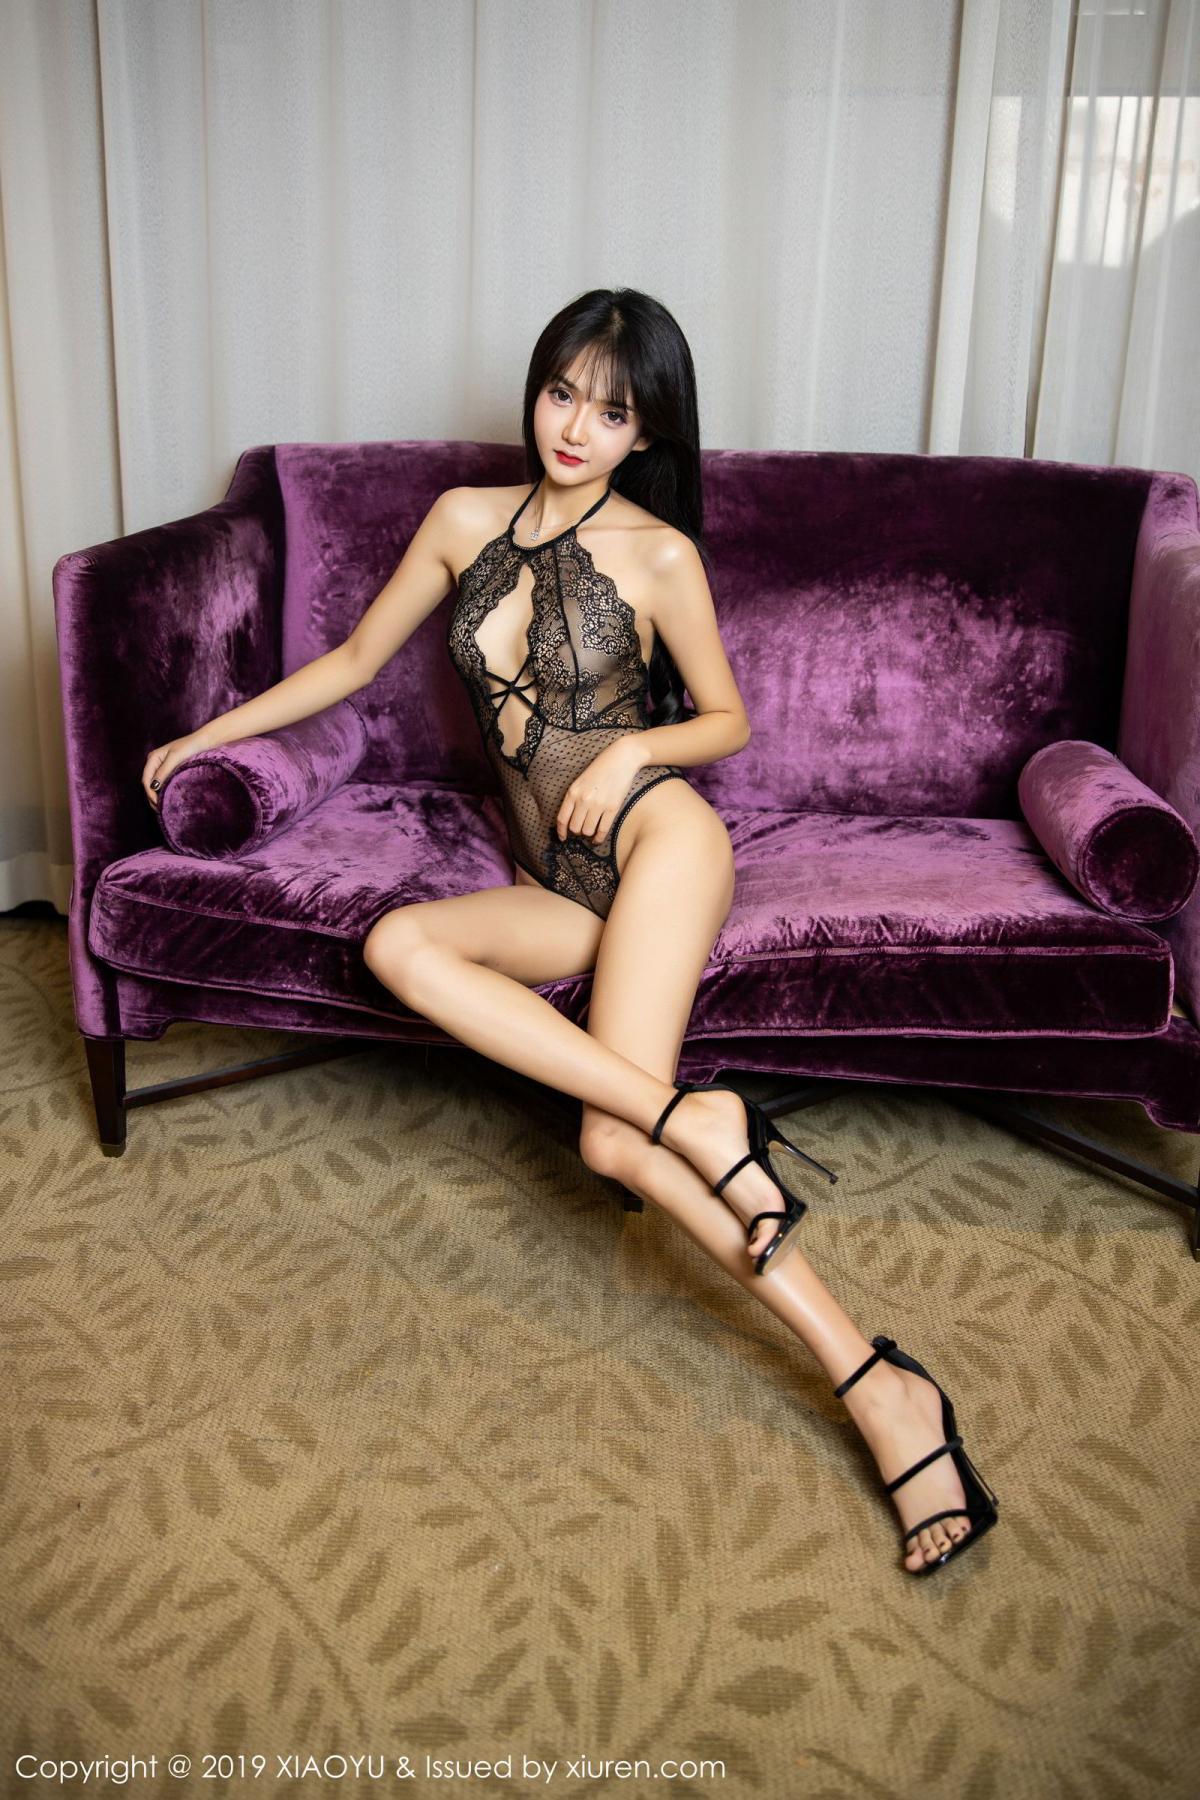 [XiaoYu] Vol.200 Miko Jiang 1P, Miko Jiang, Slim, Tall, Underwear, XiaoYu